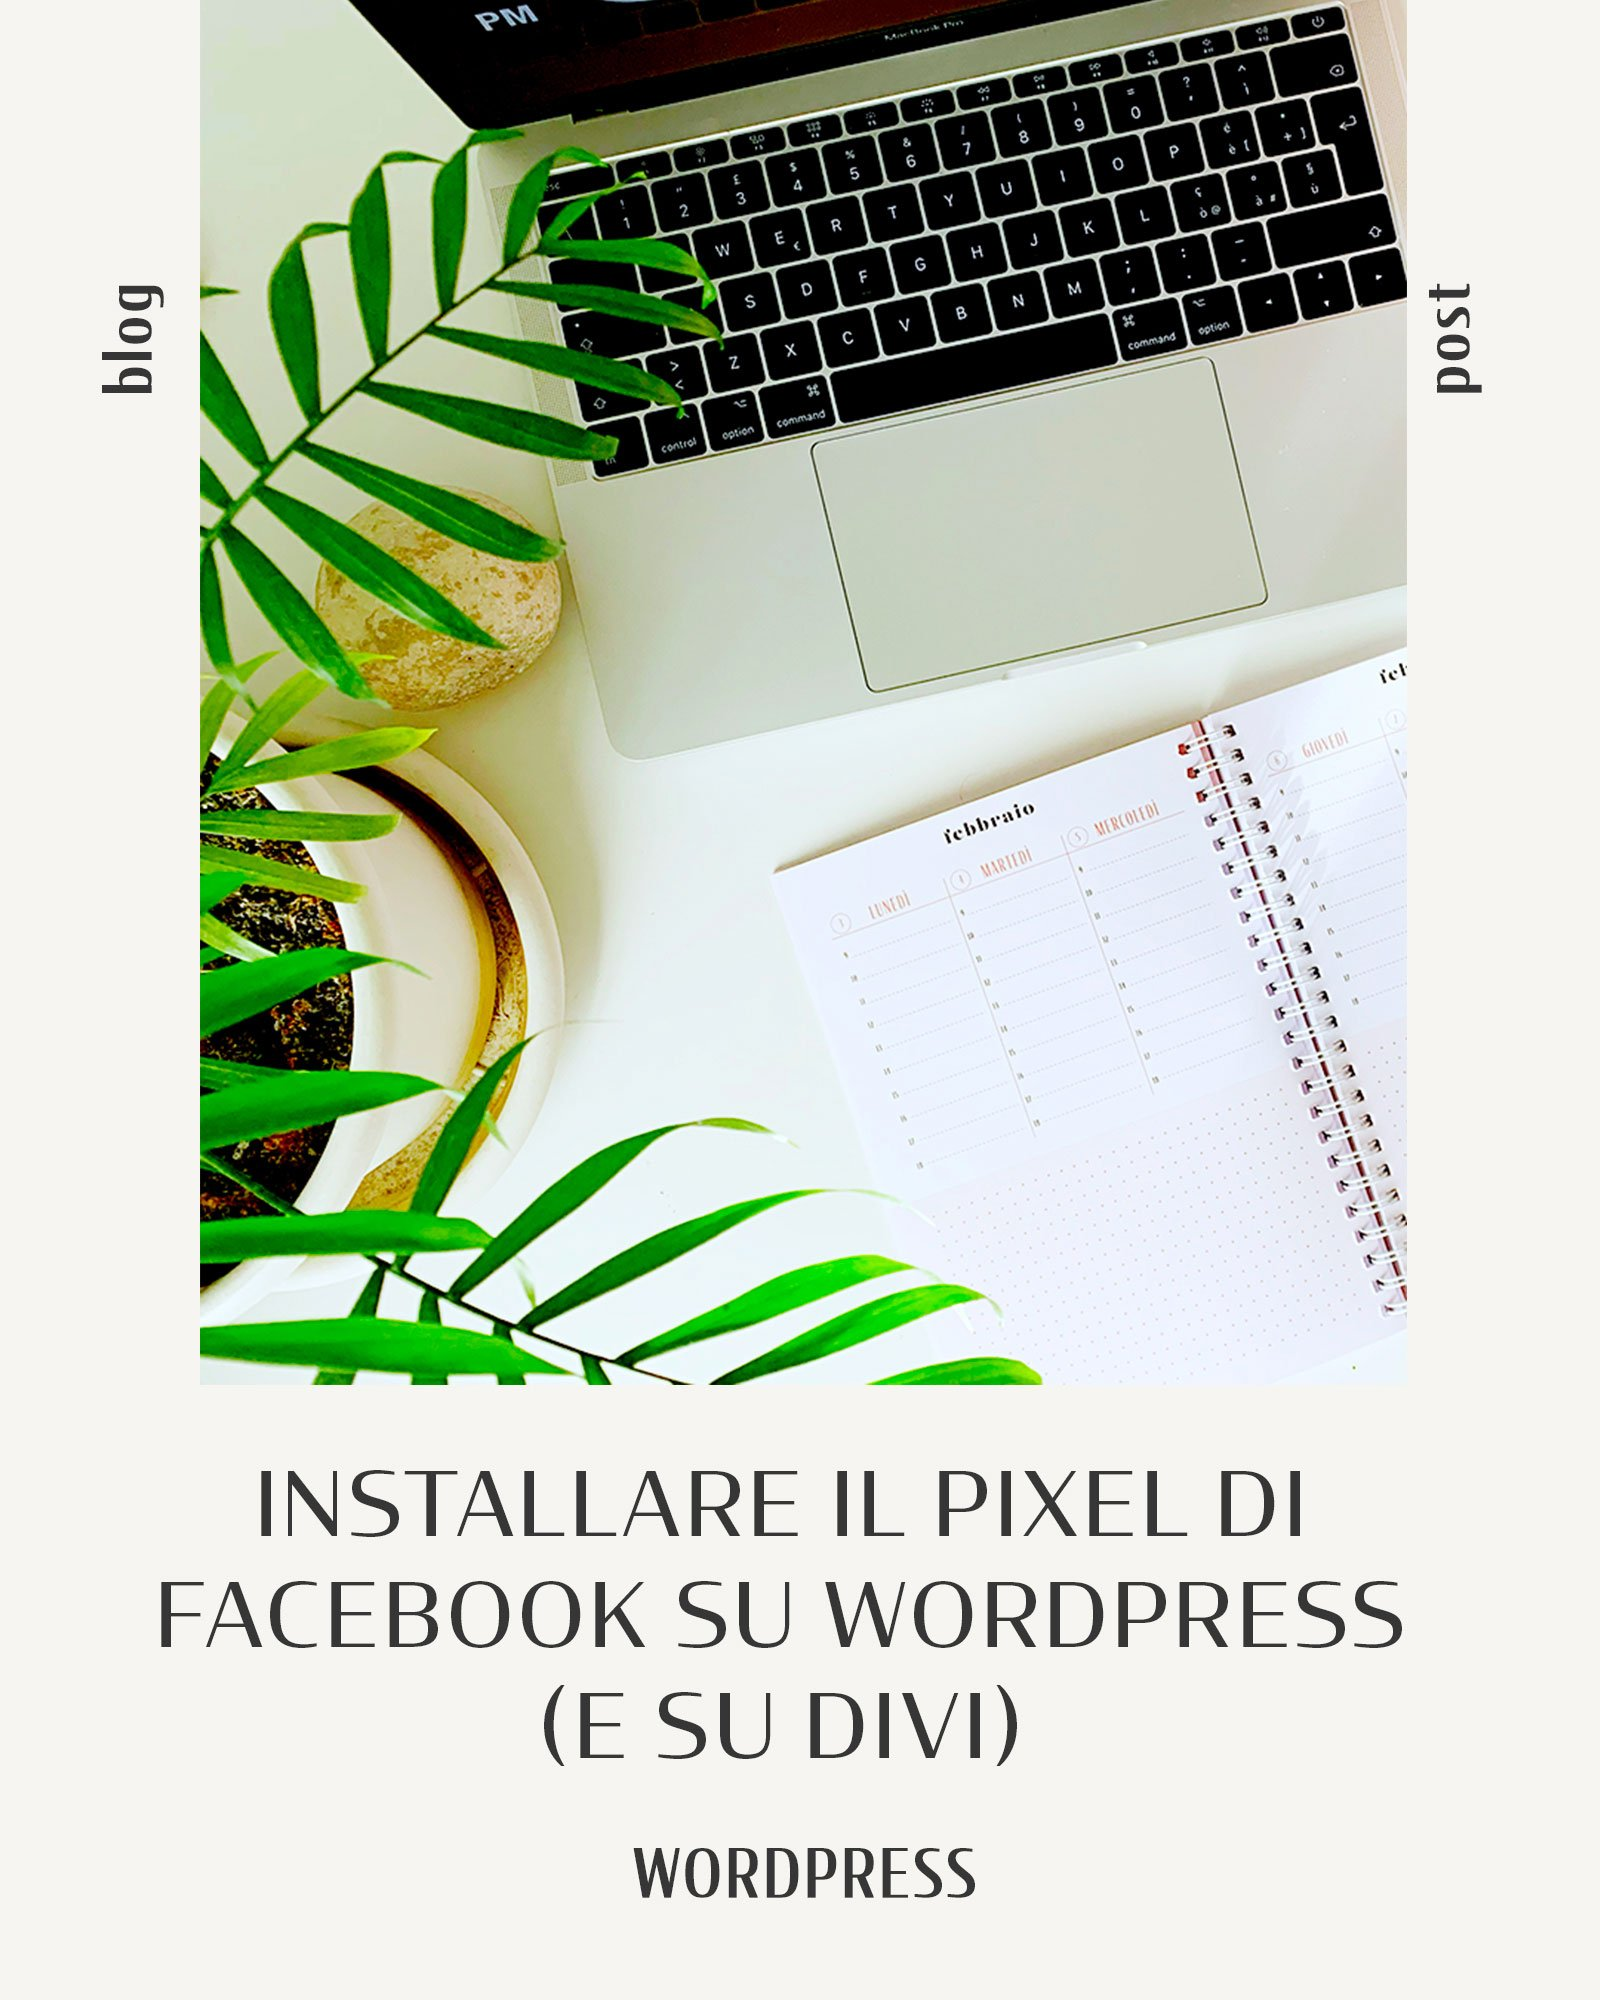 Installare il Pixel di Facebook su WordPress